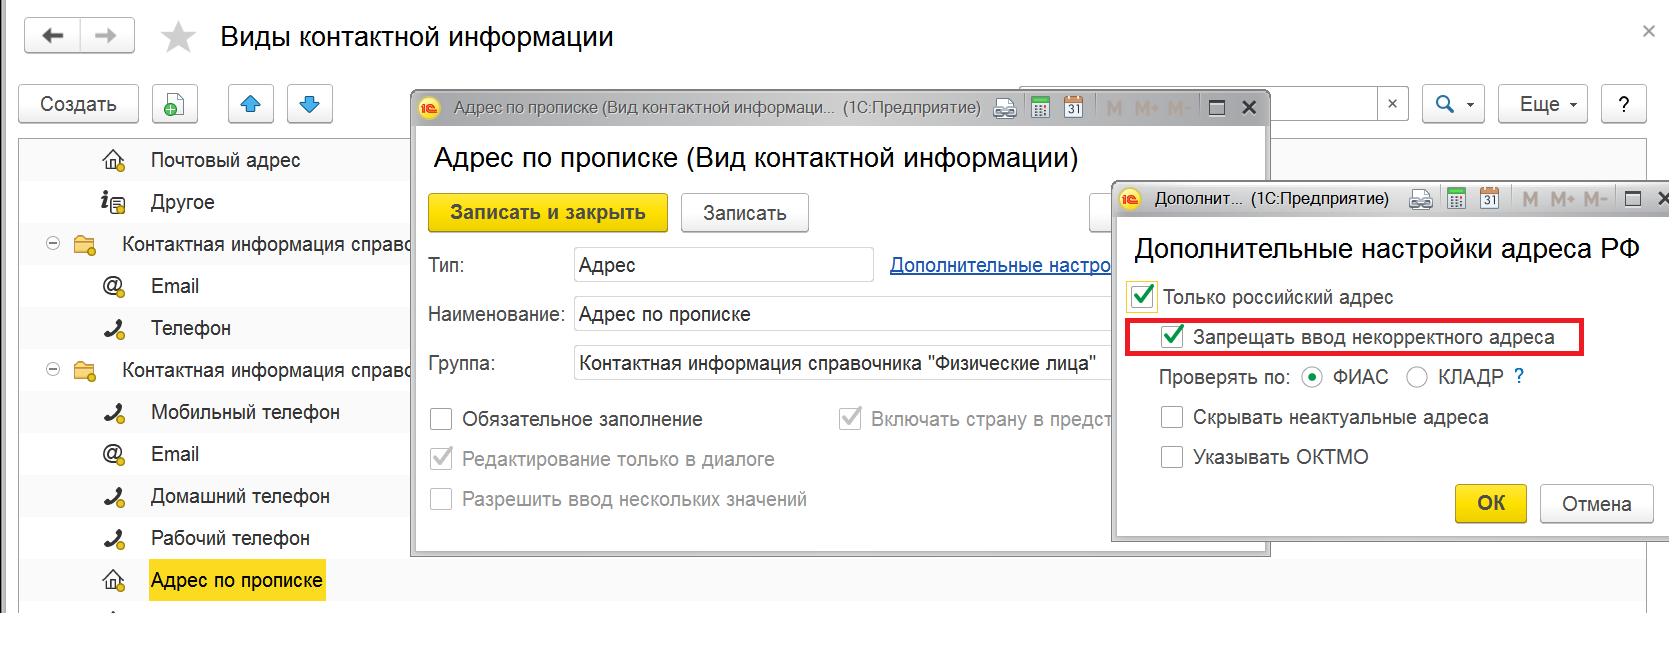 виды электронных адресов в интернете